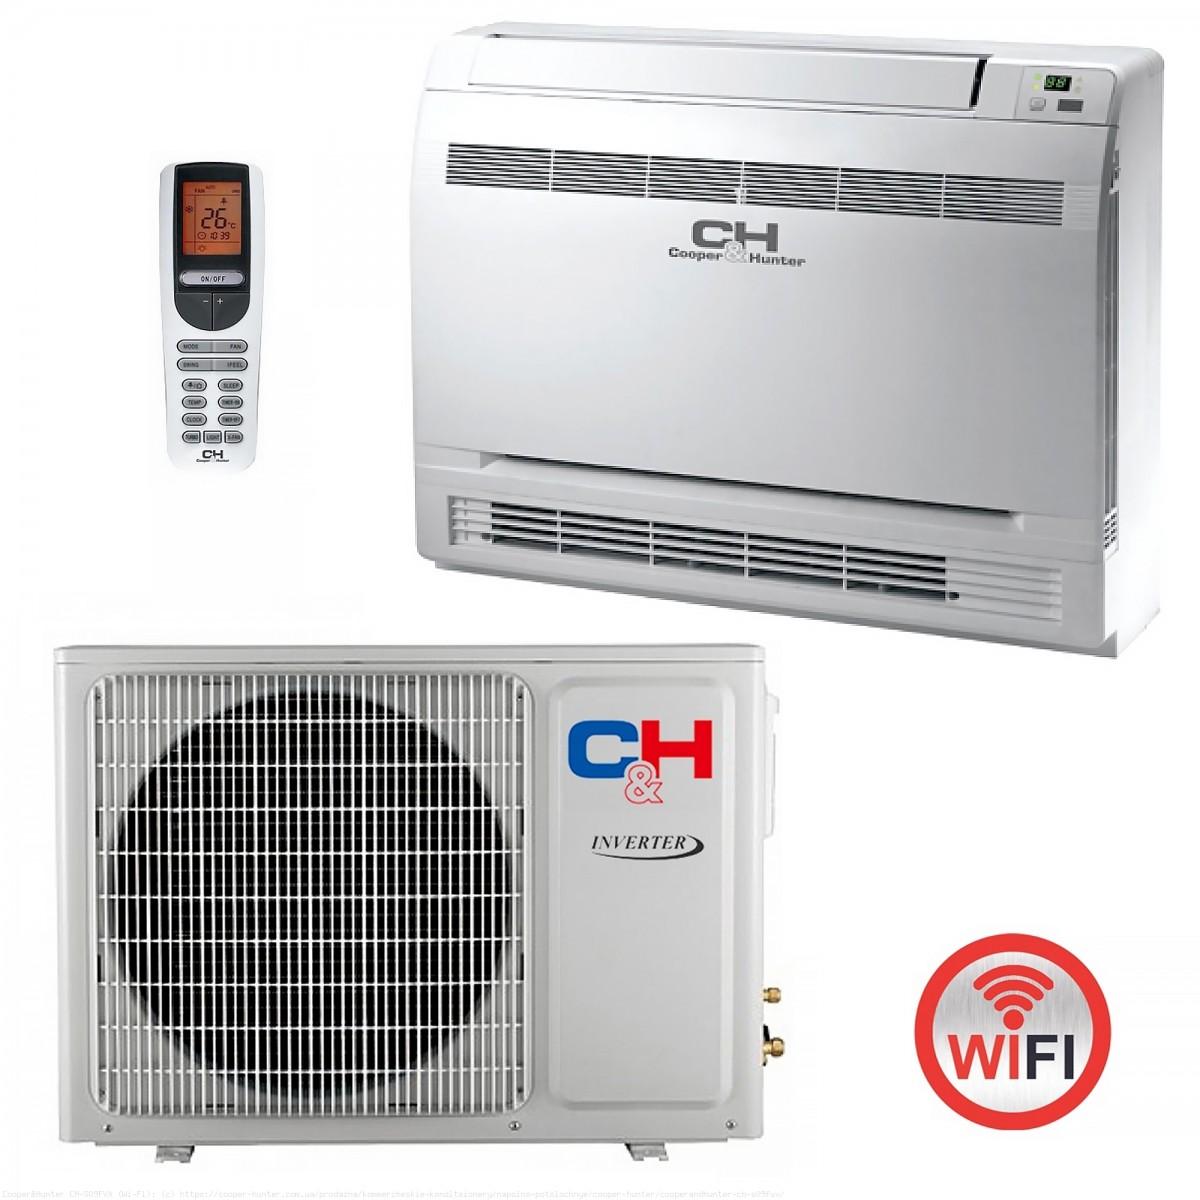 Консольный (напольный) кондиционер Cooper&Hunter CH-S12FVX (Wi-Fi)